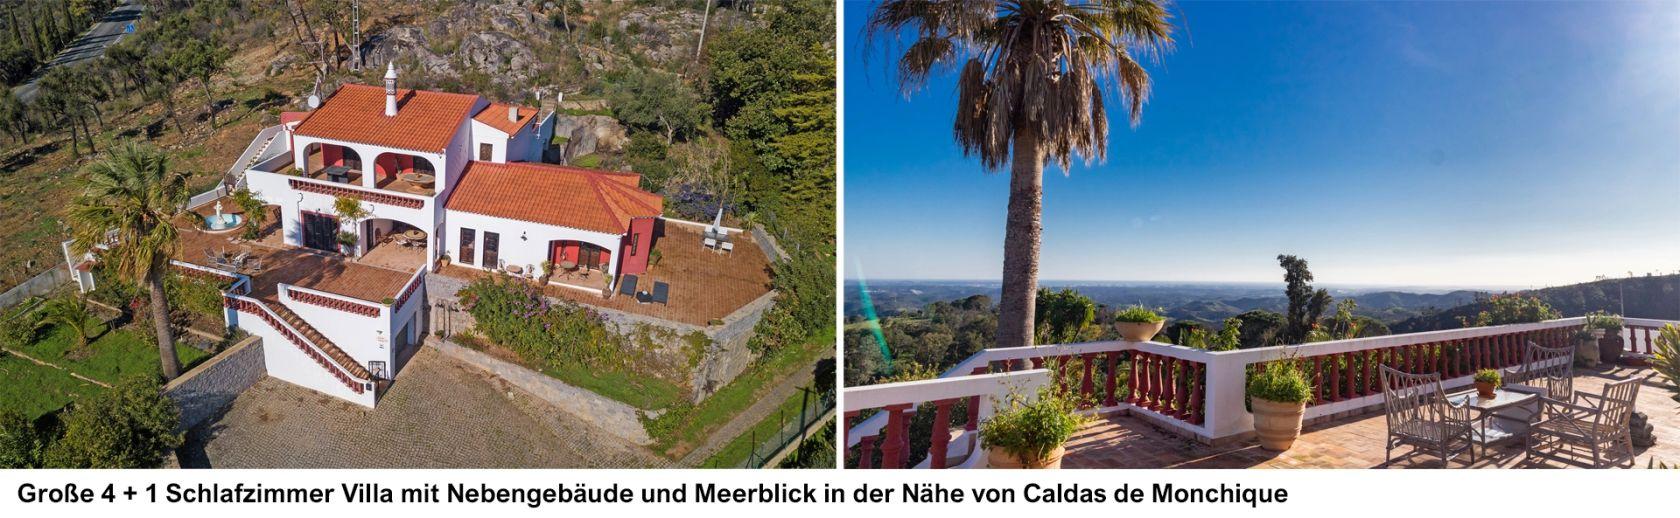 LG1563-Große 4 + 1 Schlafzimmer Villa mit Nebengebäude und Meerblick in der Nähe von Caldas de Monchique